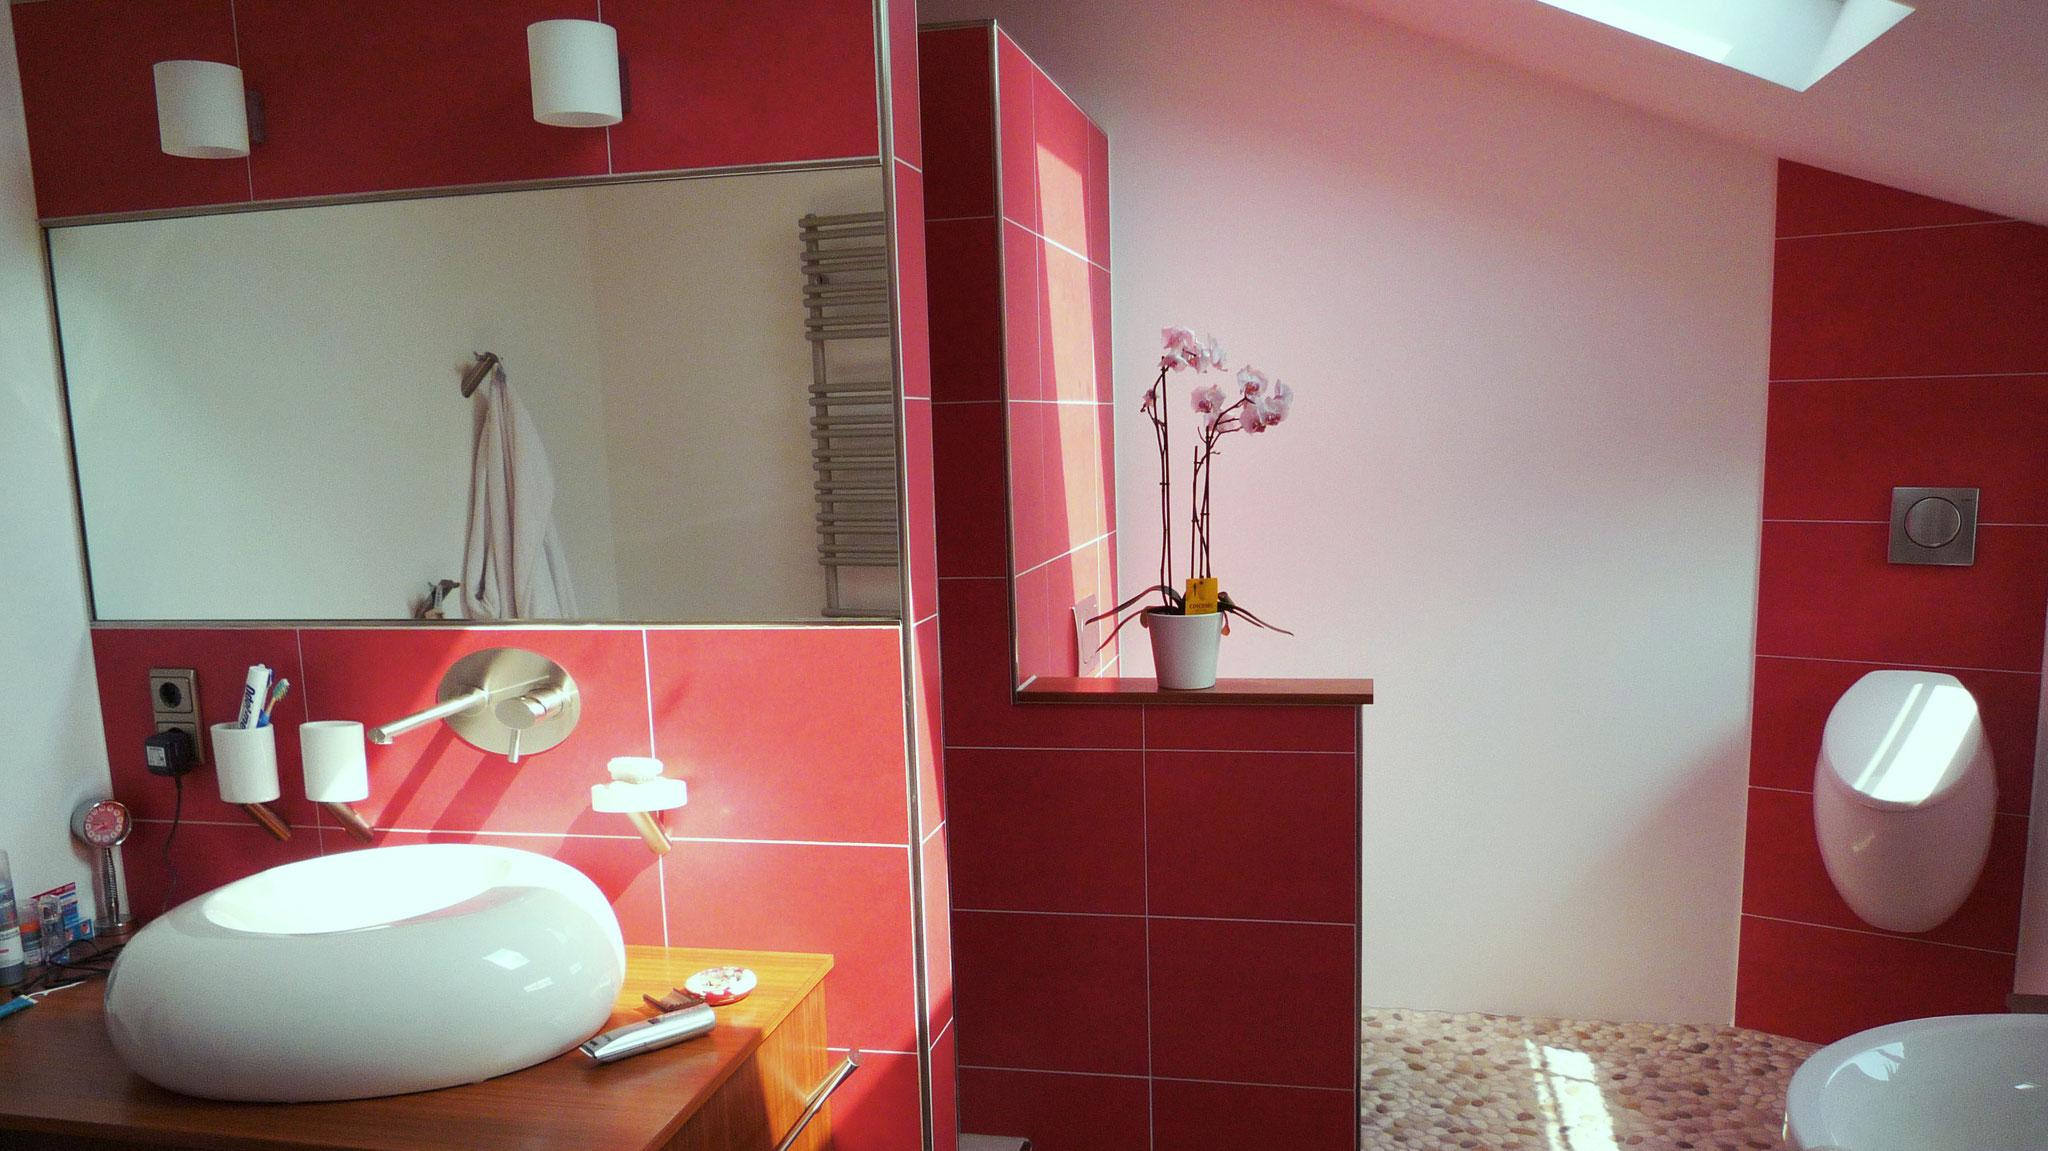 Altbausanierung Privatkunden: Decke und Wände, Boden mit Kieselsteinbelag, Trockenbau-, Putz-, Fliesen- und Malerarbeiten